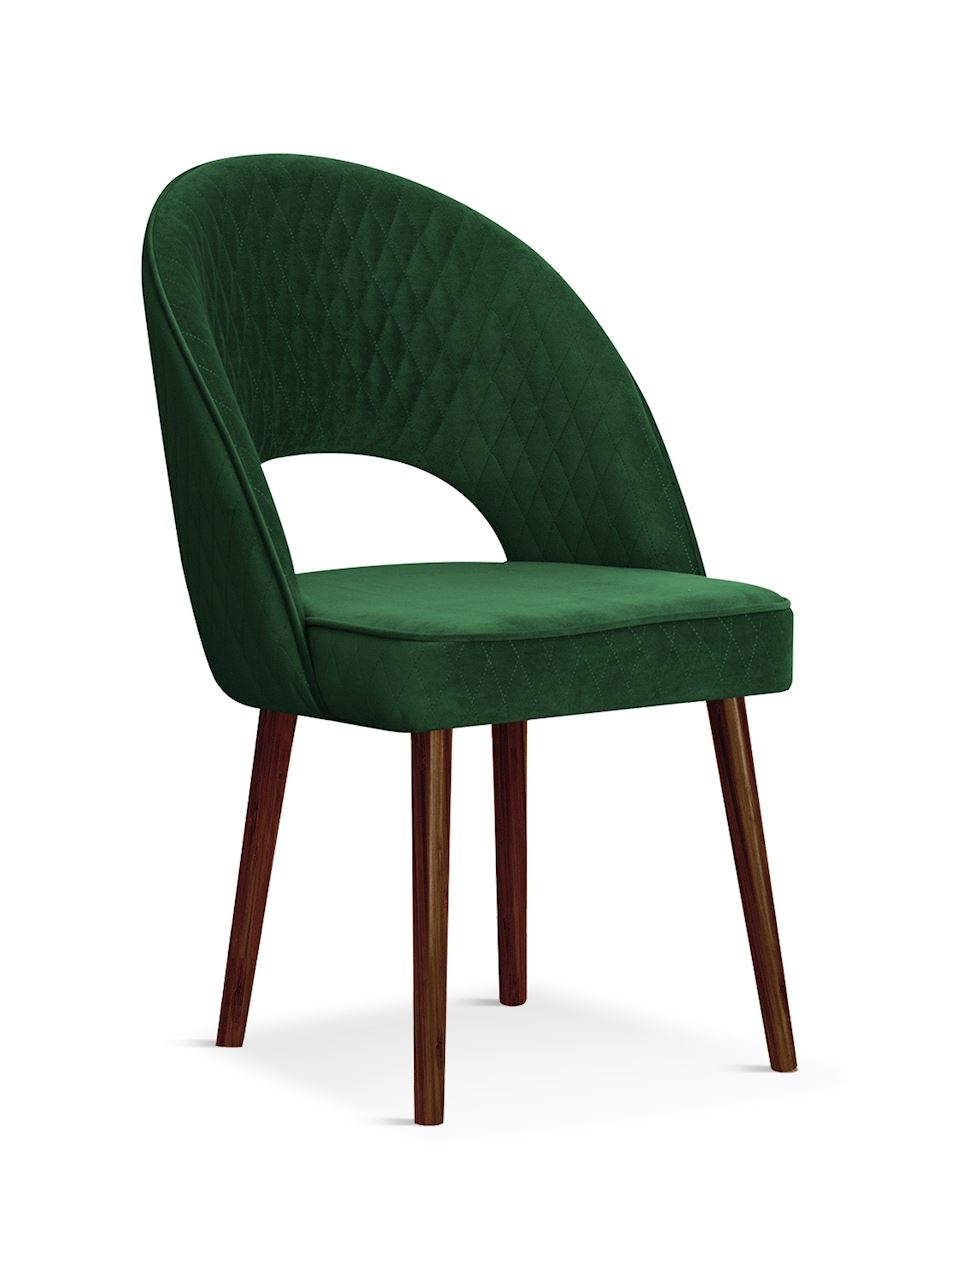 Scaun tapitat cu stofa, cu picioare din lemn Ponte Green / Walnut, l56xA63xH89 cm